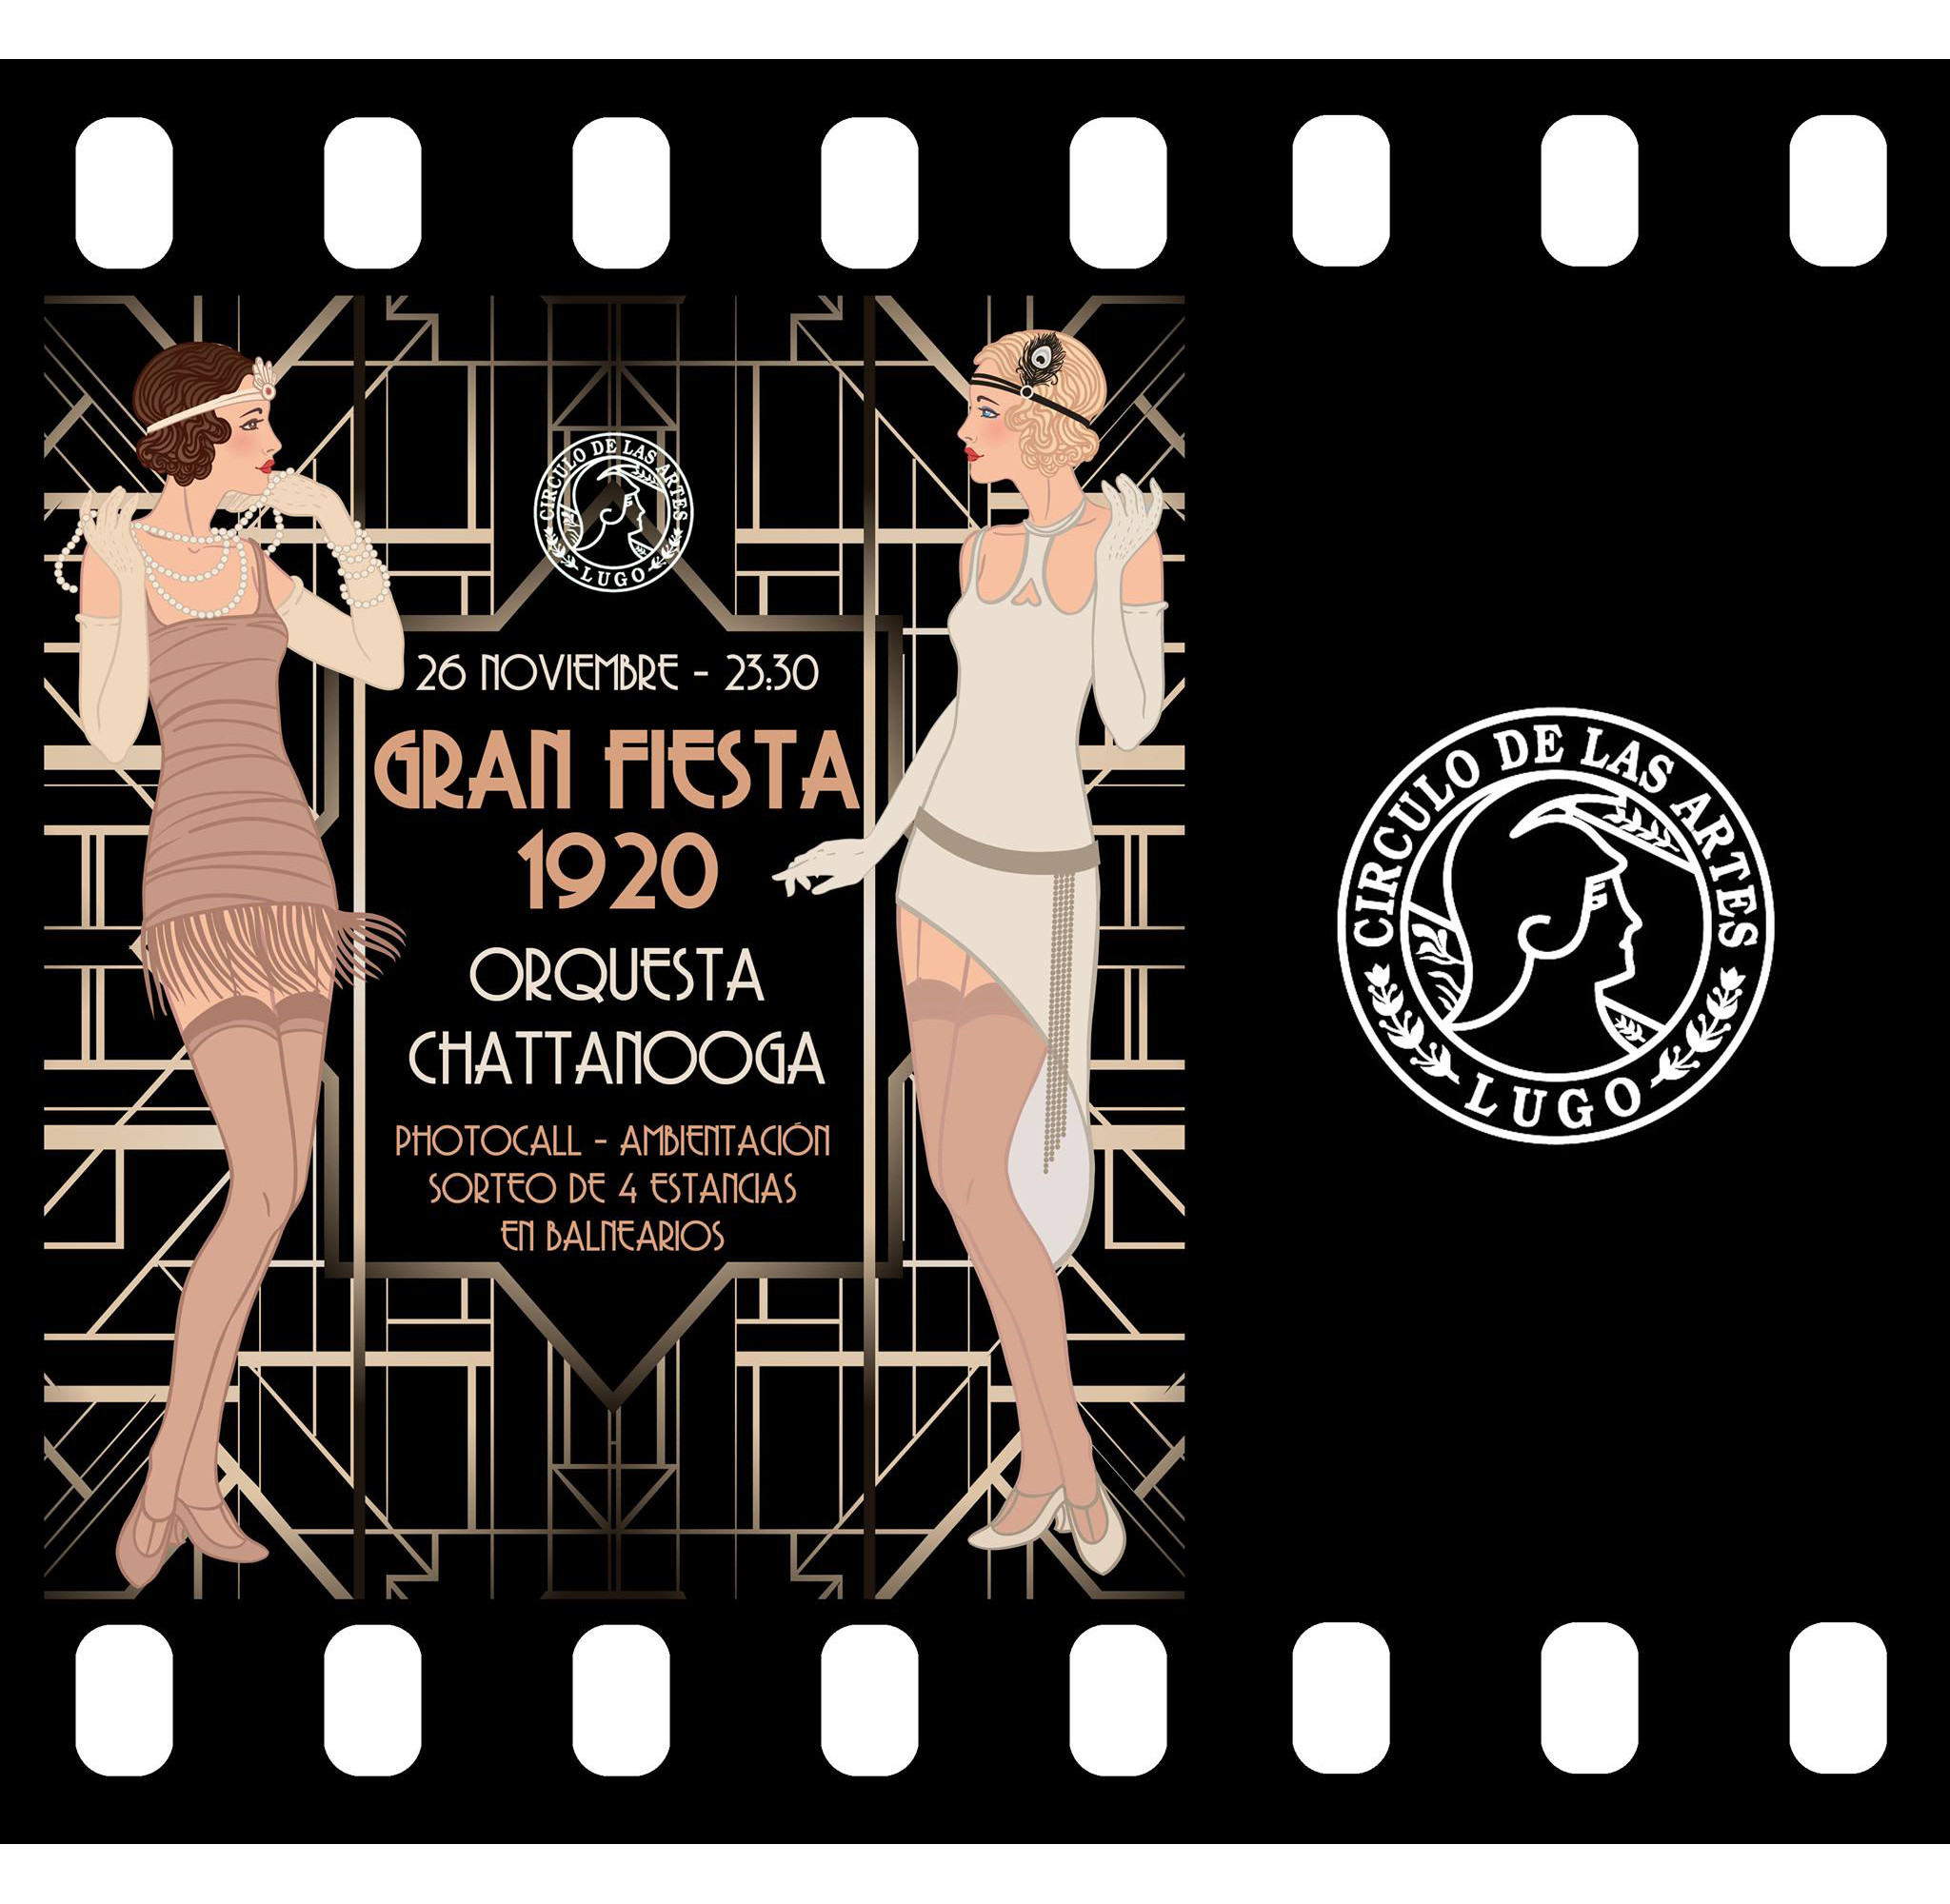 El c rculo inaugura su oferta de fiestas tem ticas con un gran baile ambientado en los a os 20 - Fiesta anos 20 ...